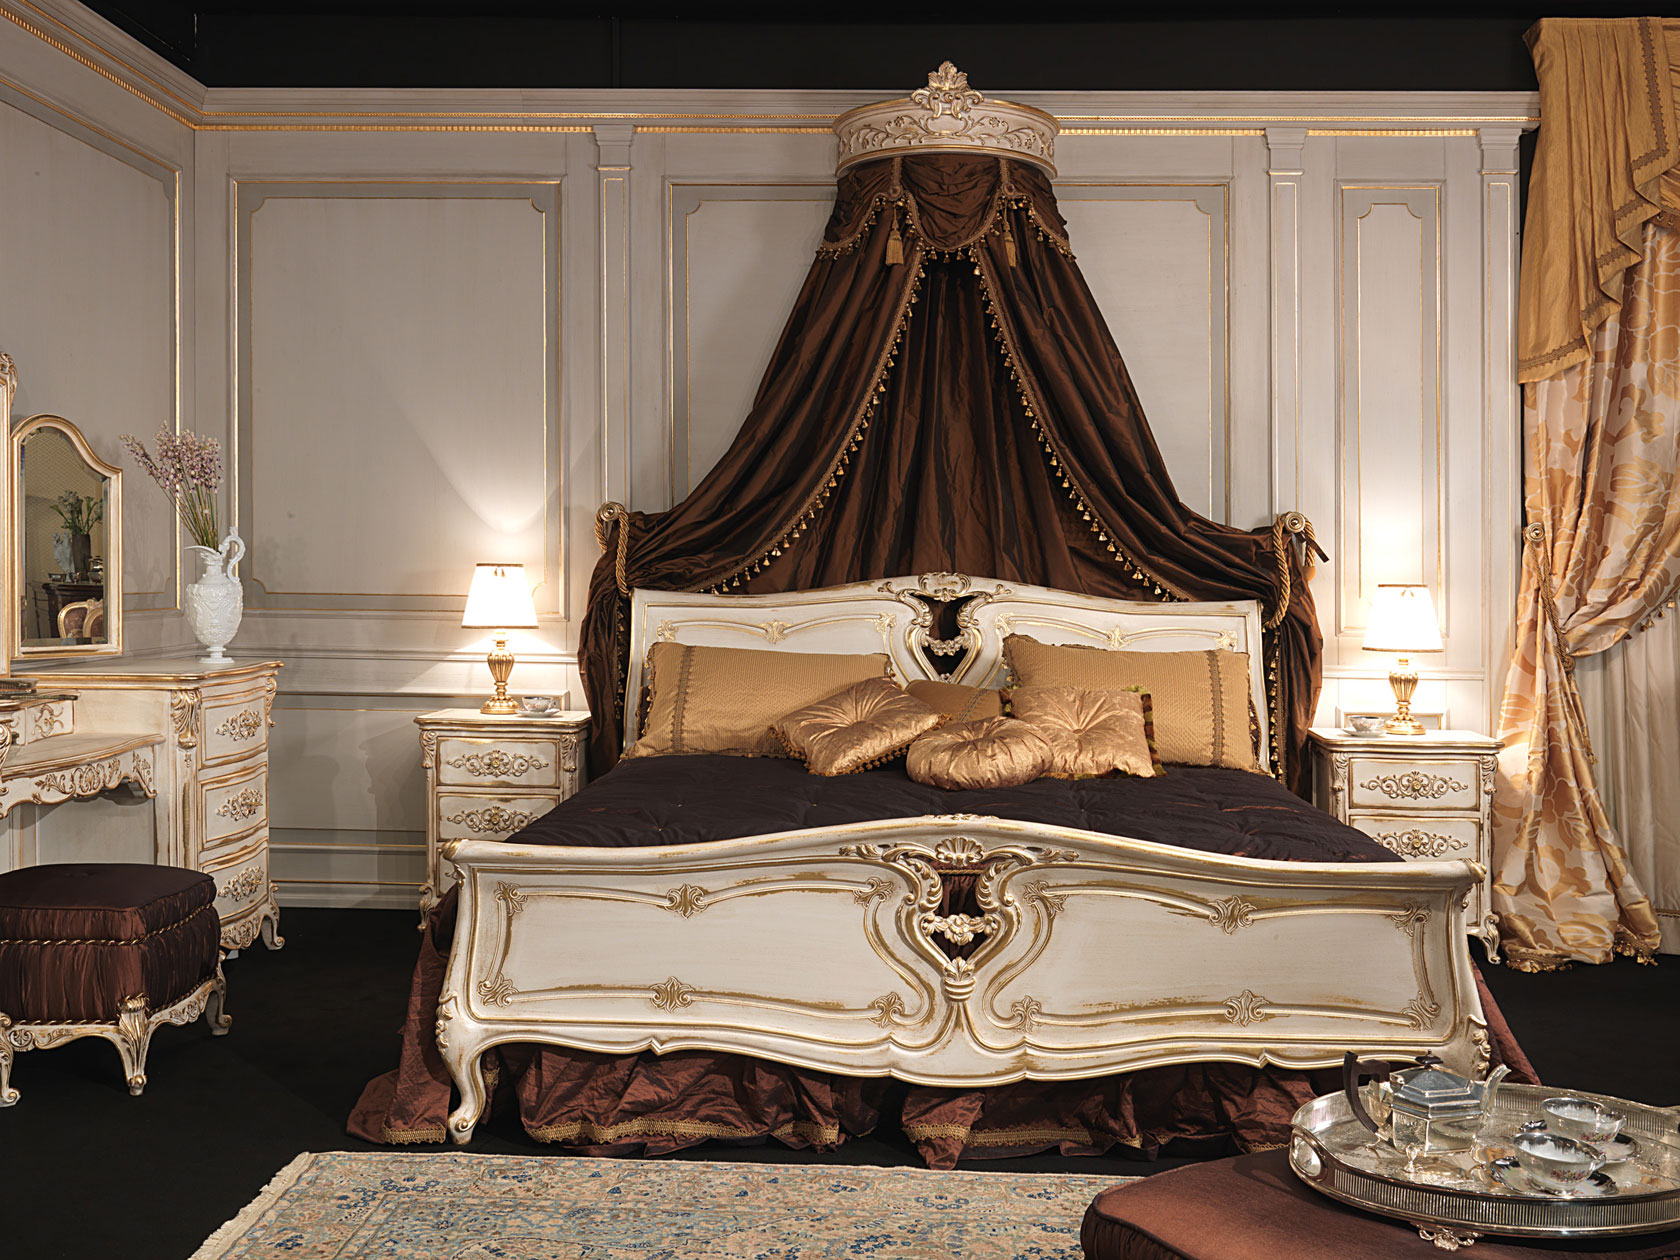 camera da letto in stile luigi xvi, letto in legno intagliato con ... - Camera Da Letto Baldacchino